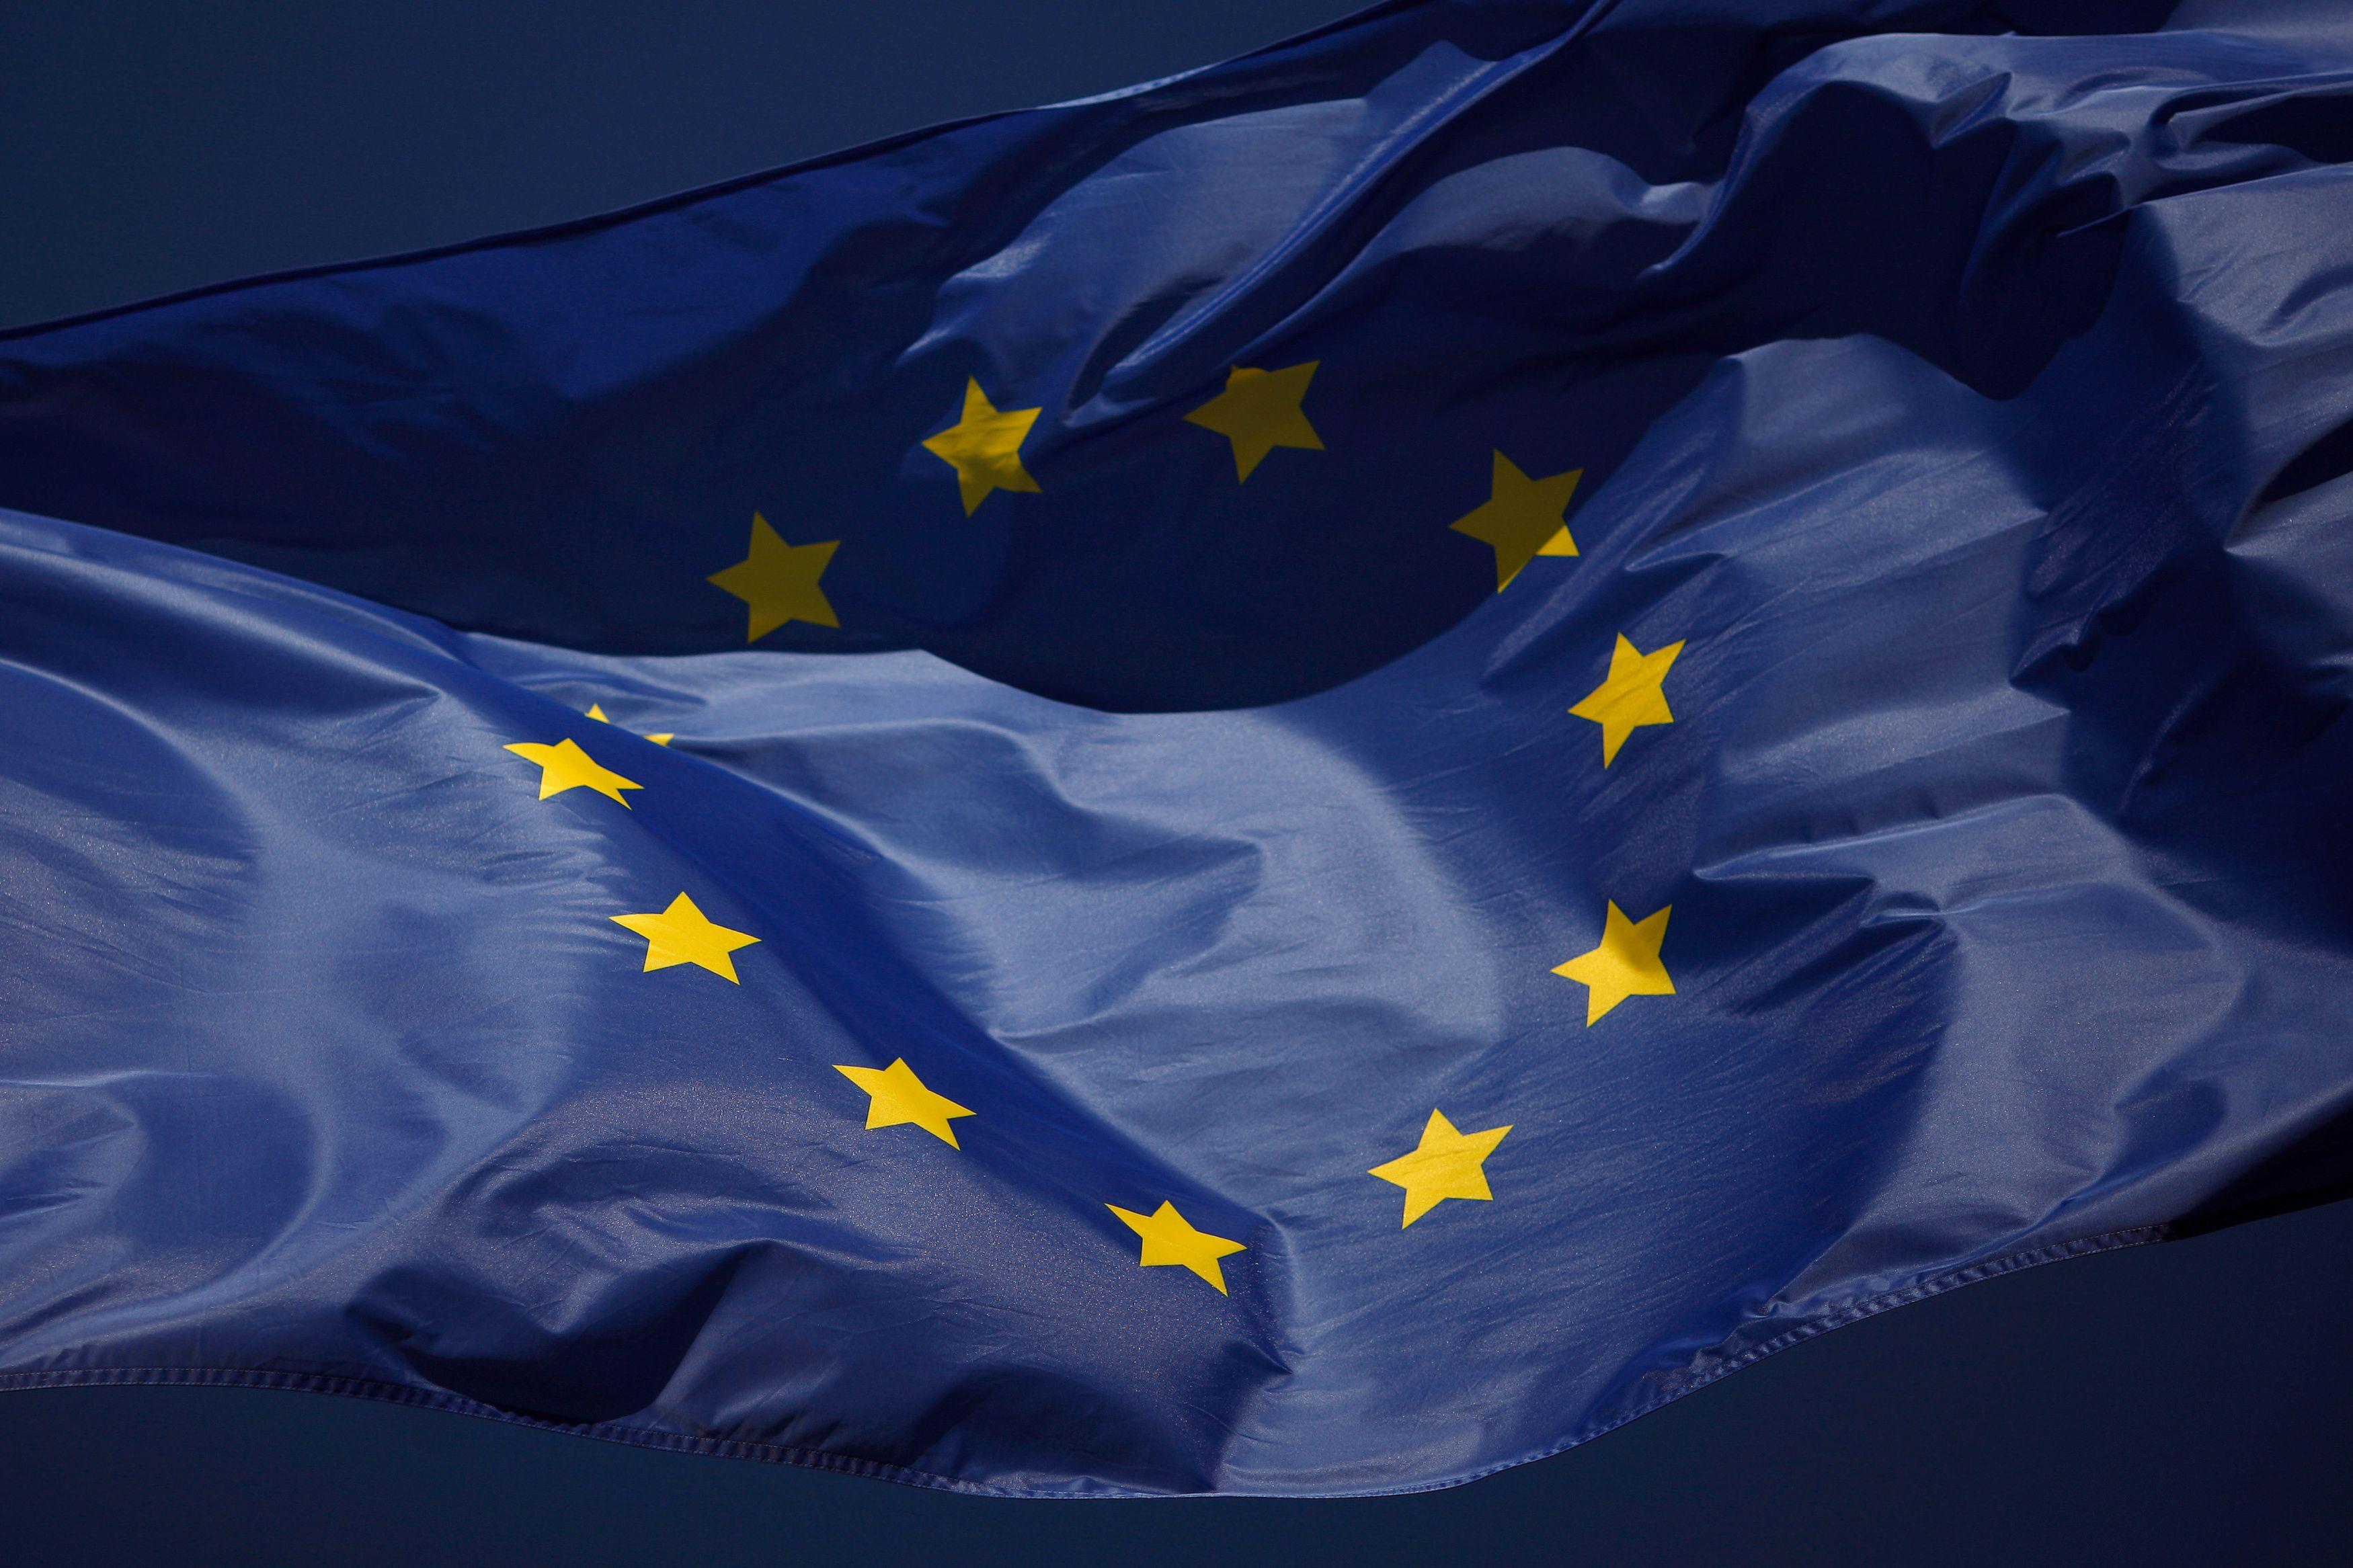 Parfum de guerre sur Gibraltar : psychodrame de pacotille ou preuve que le vieux continent a toujours besoin de l'UE pour échapper aux dangers des nationalismes ?